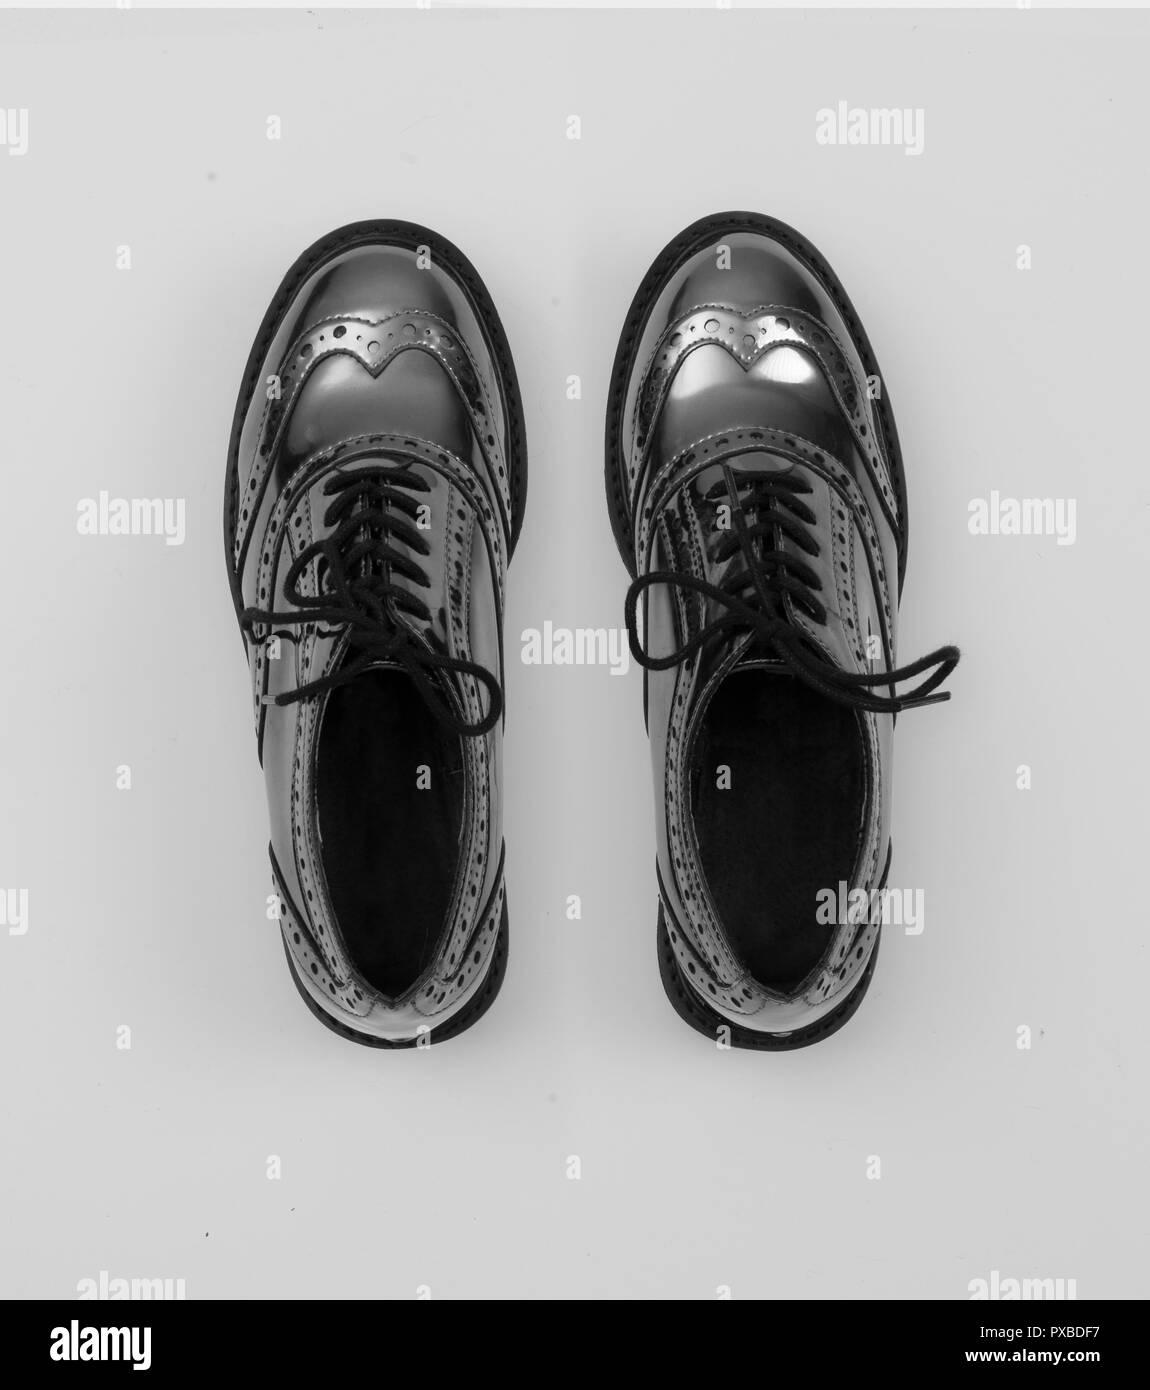 936a5761e641b7 Silber Metallic Frauen budapester Schuhe auf weißem Hintergrund grau  isoliert